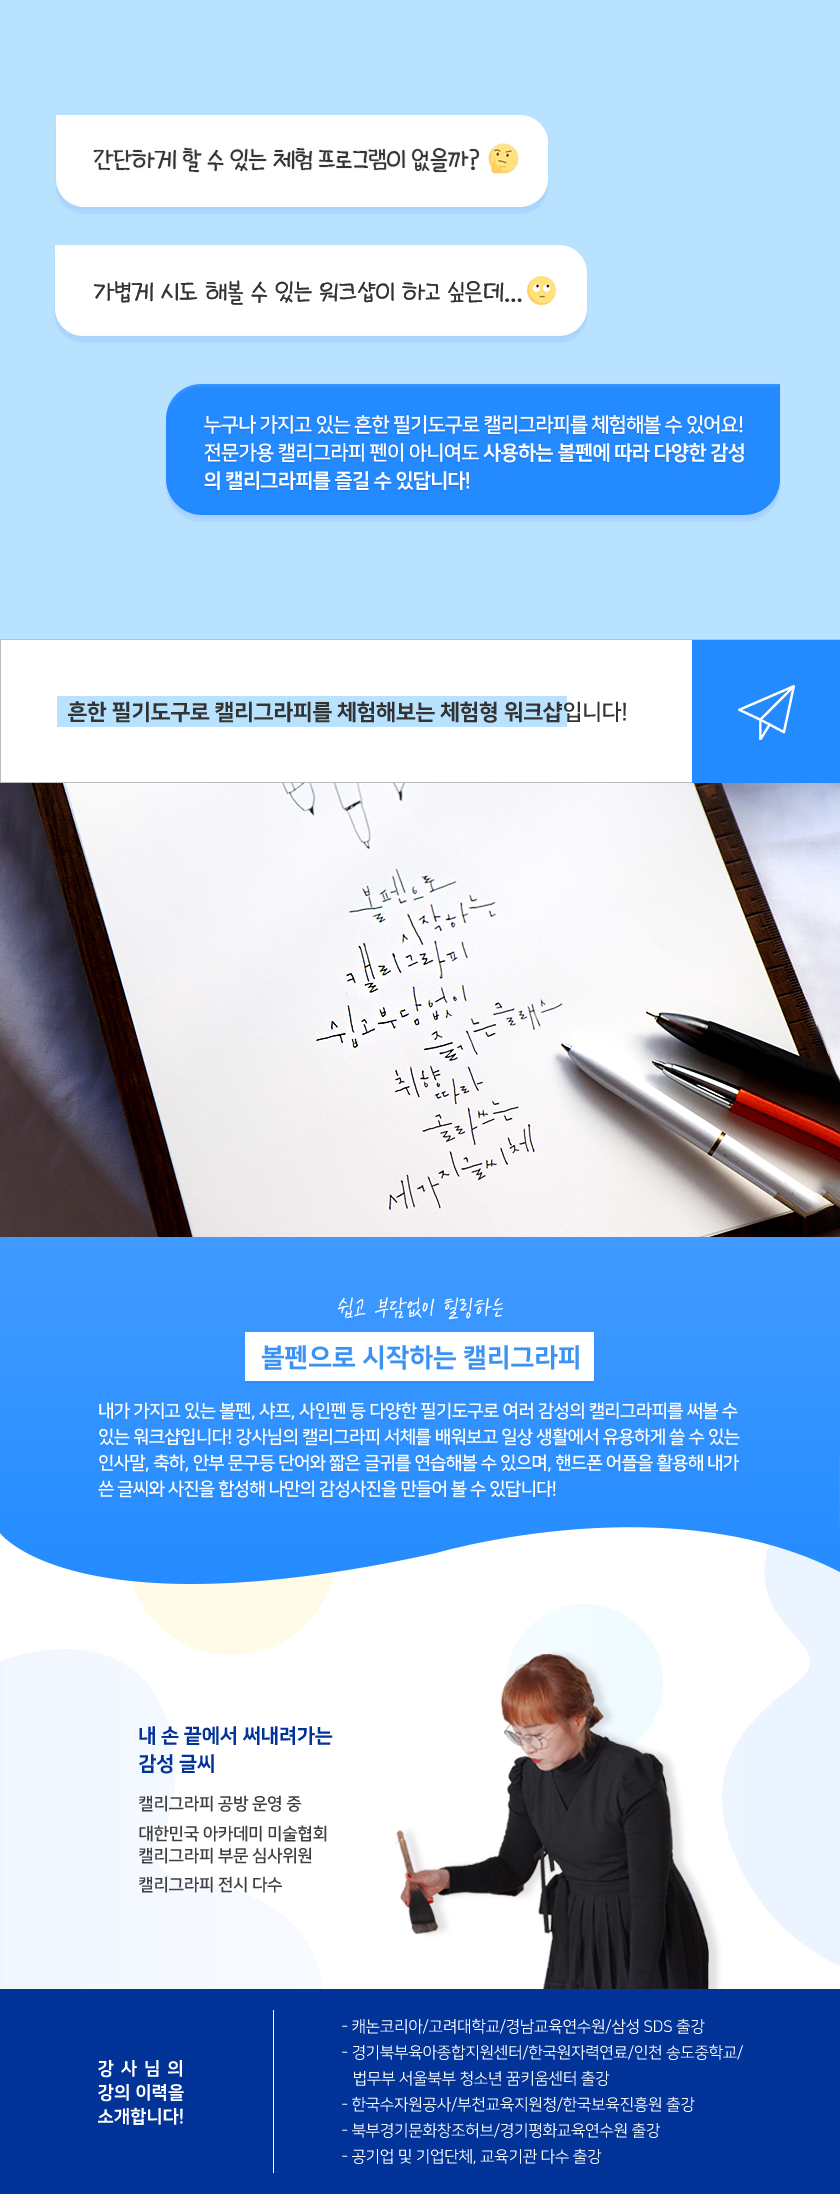 볼펜으로 시작하는 캘리그라피 상세소개 | 이너트립